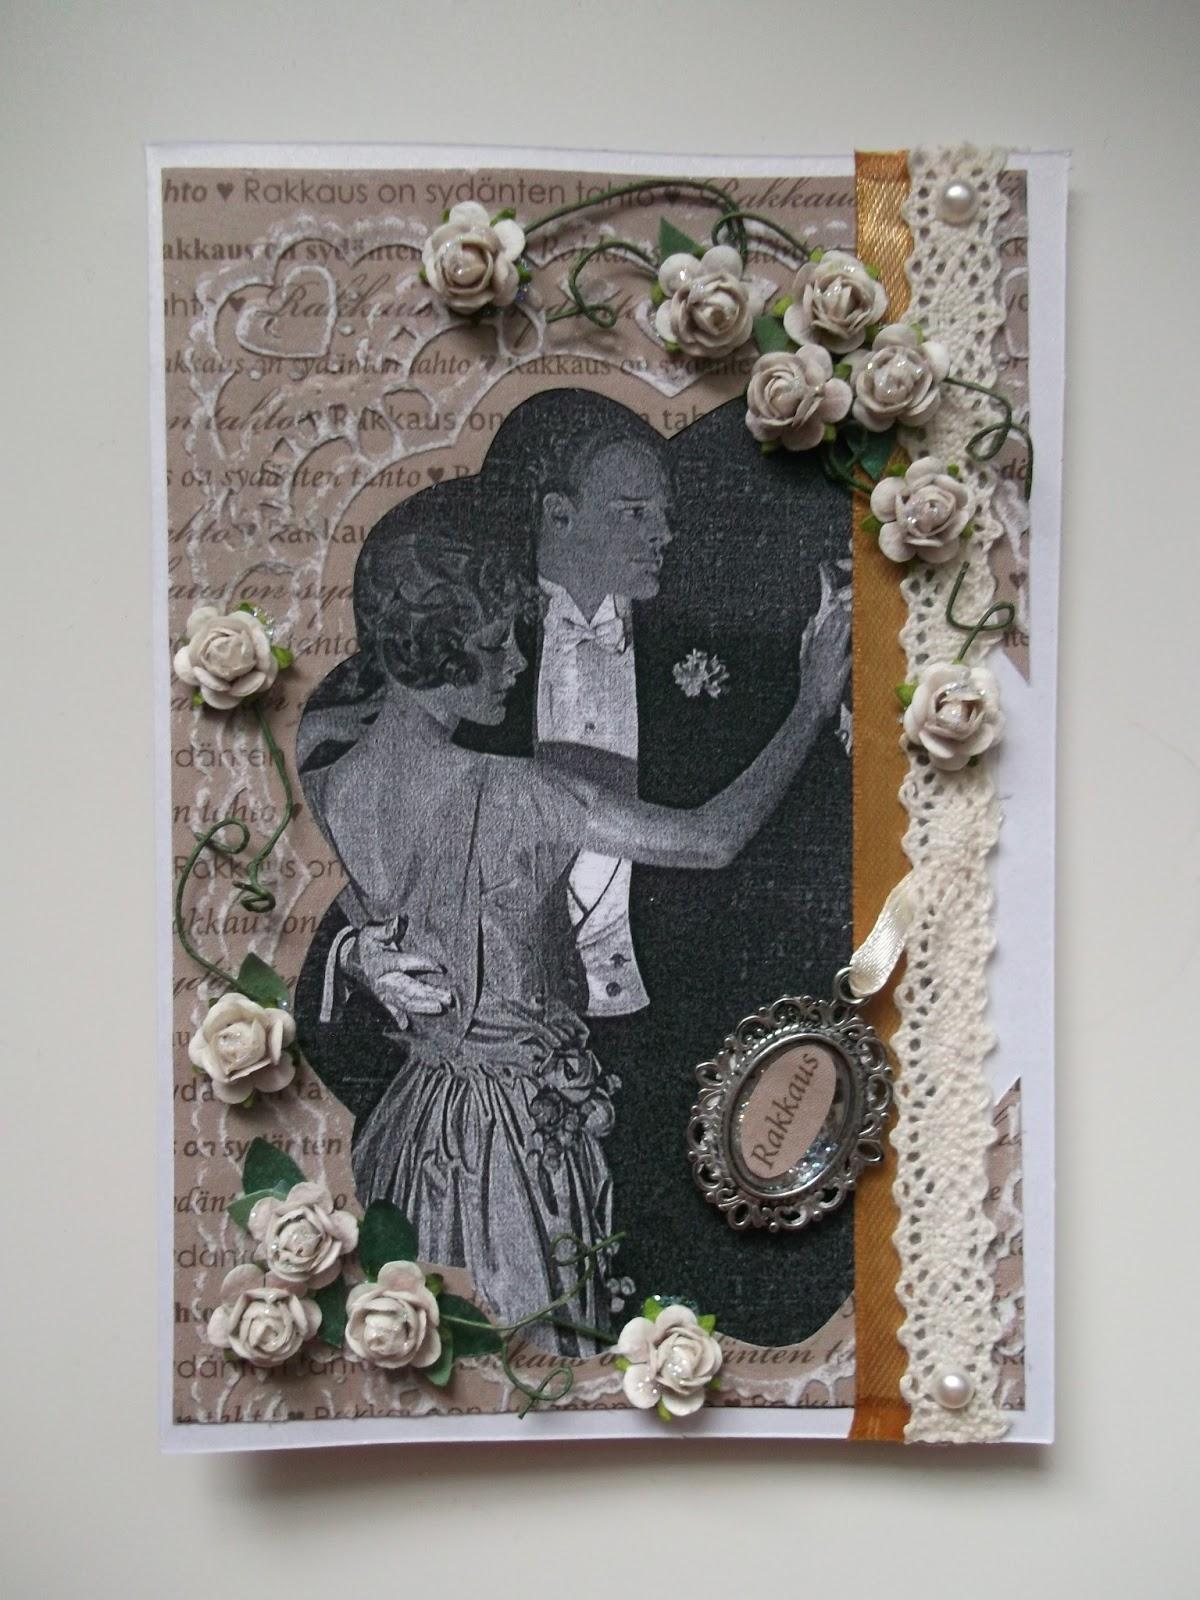 kuva naisesta ja miehestä tanssimassa, hääkortti